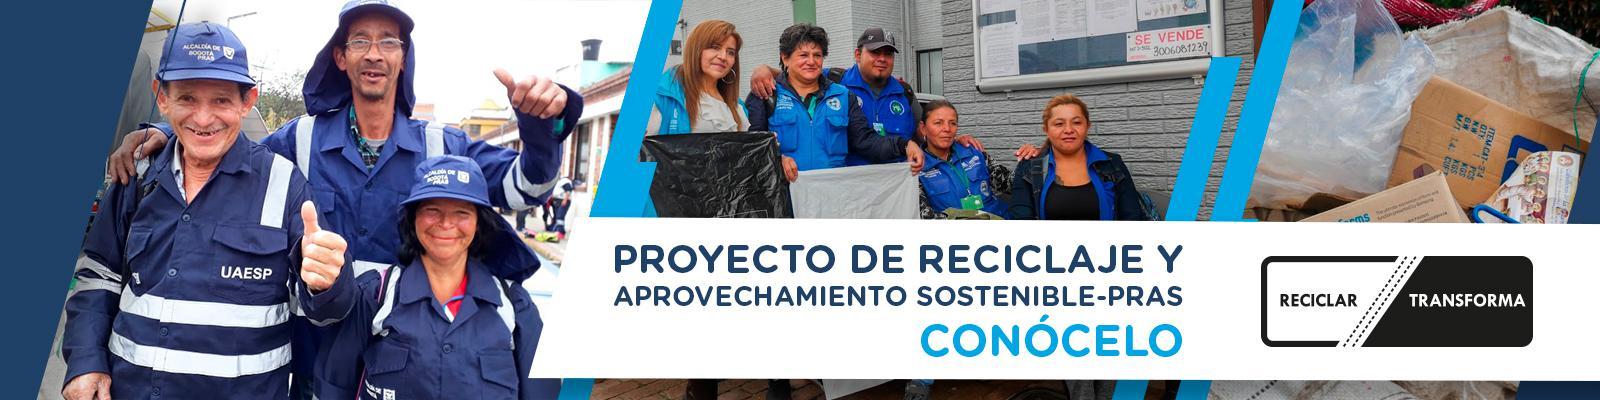 Proyecto de reciclaje y desarrollo sostenible